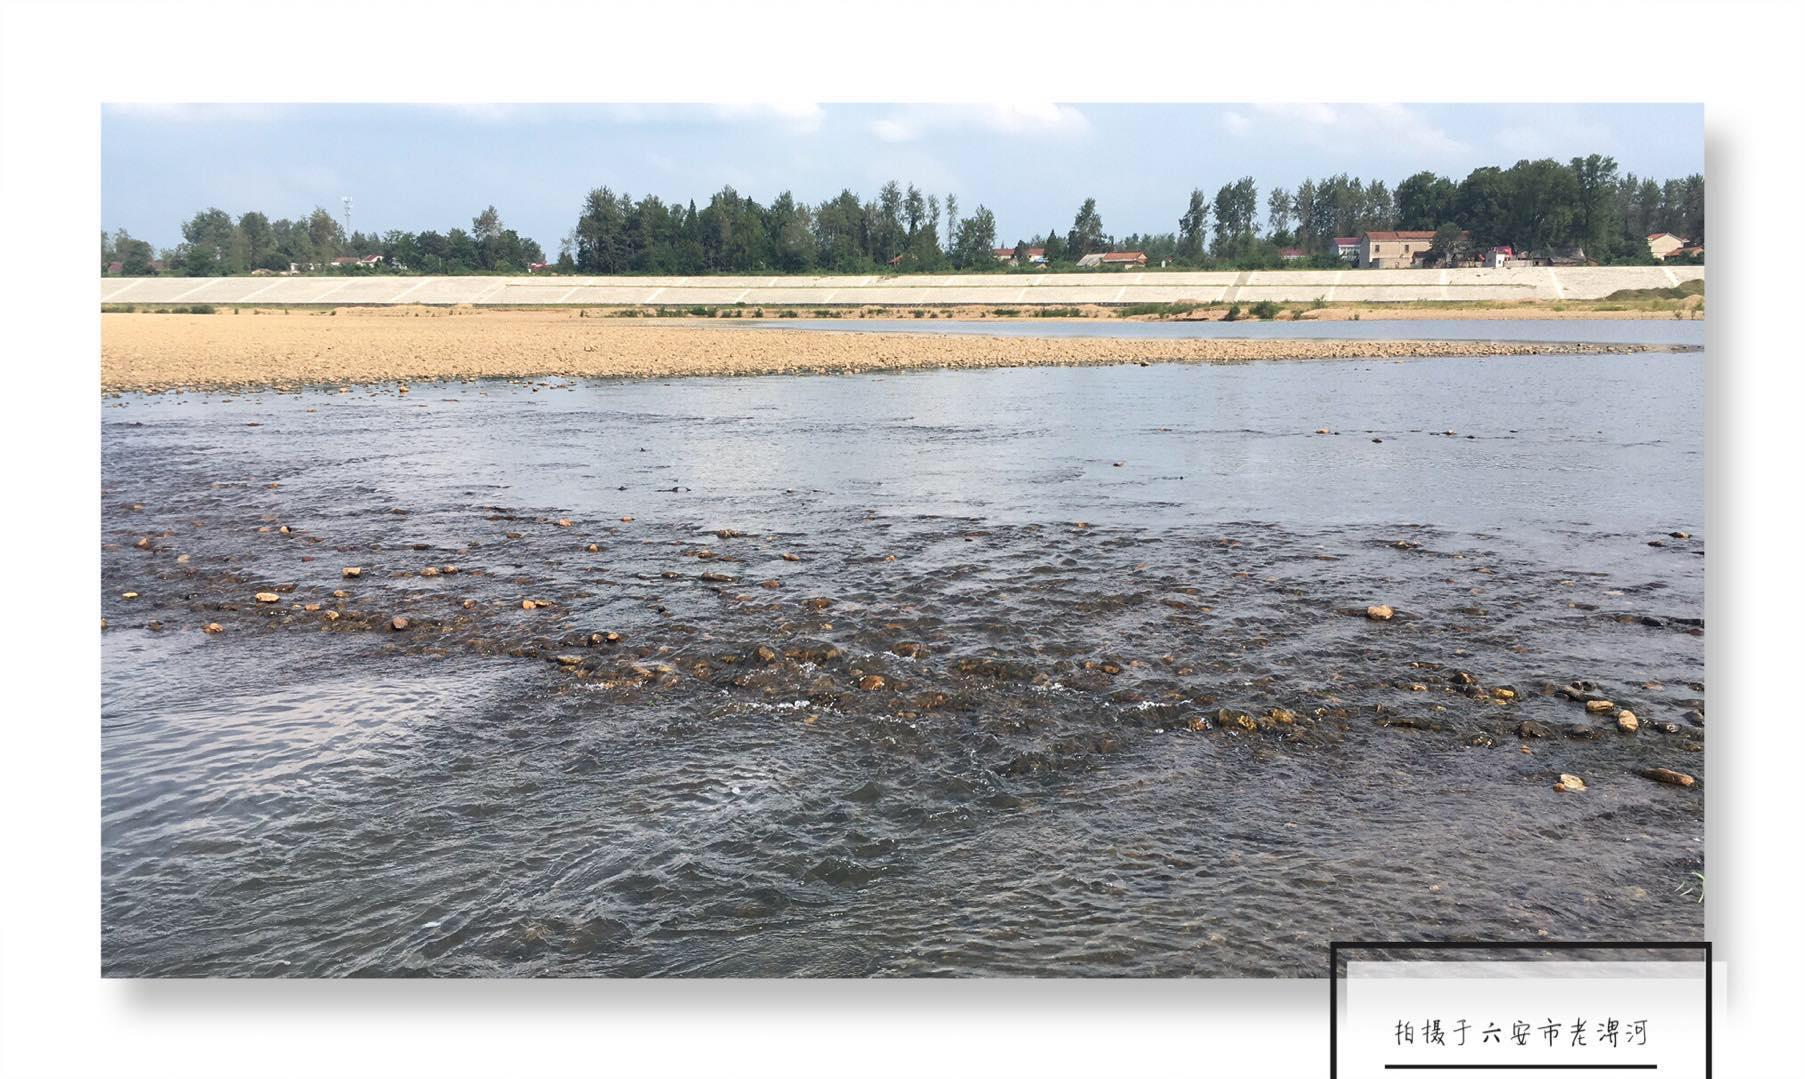 老淠河潺潺流水